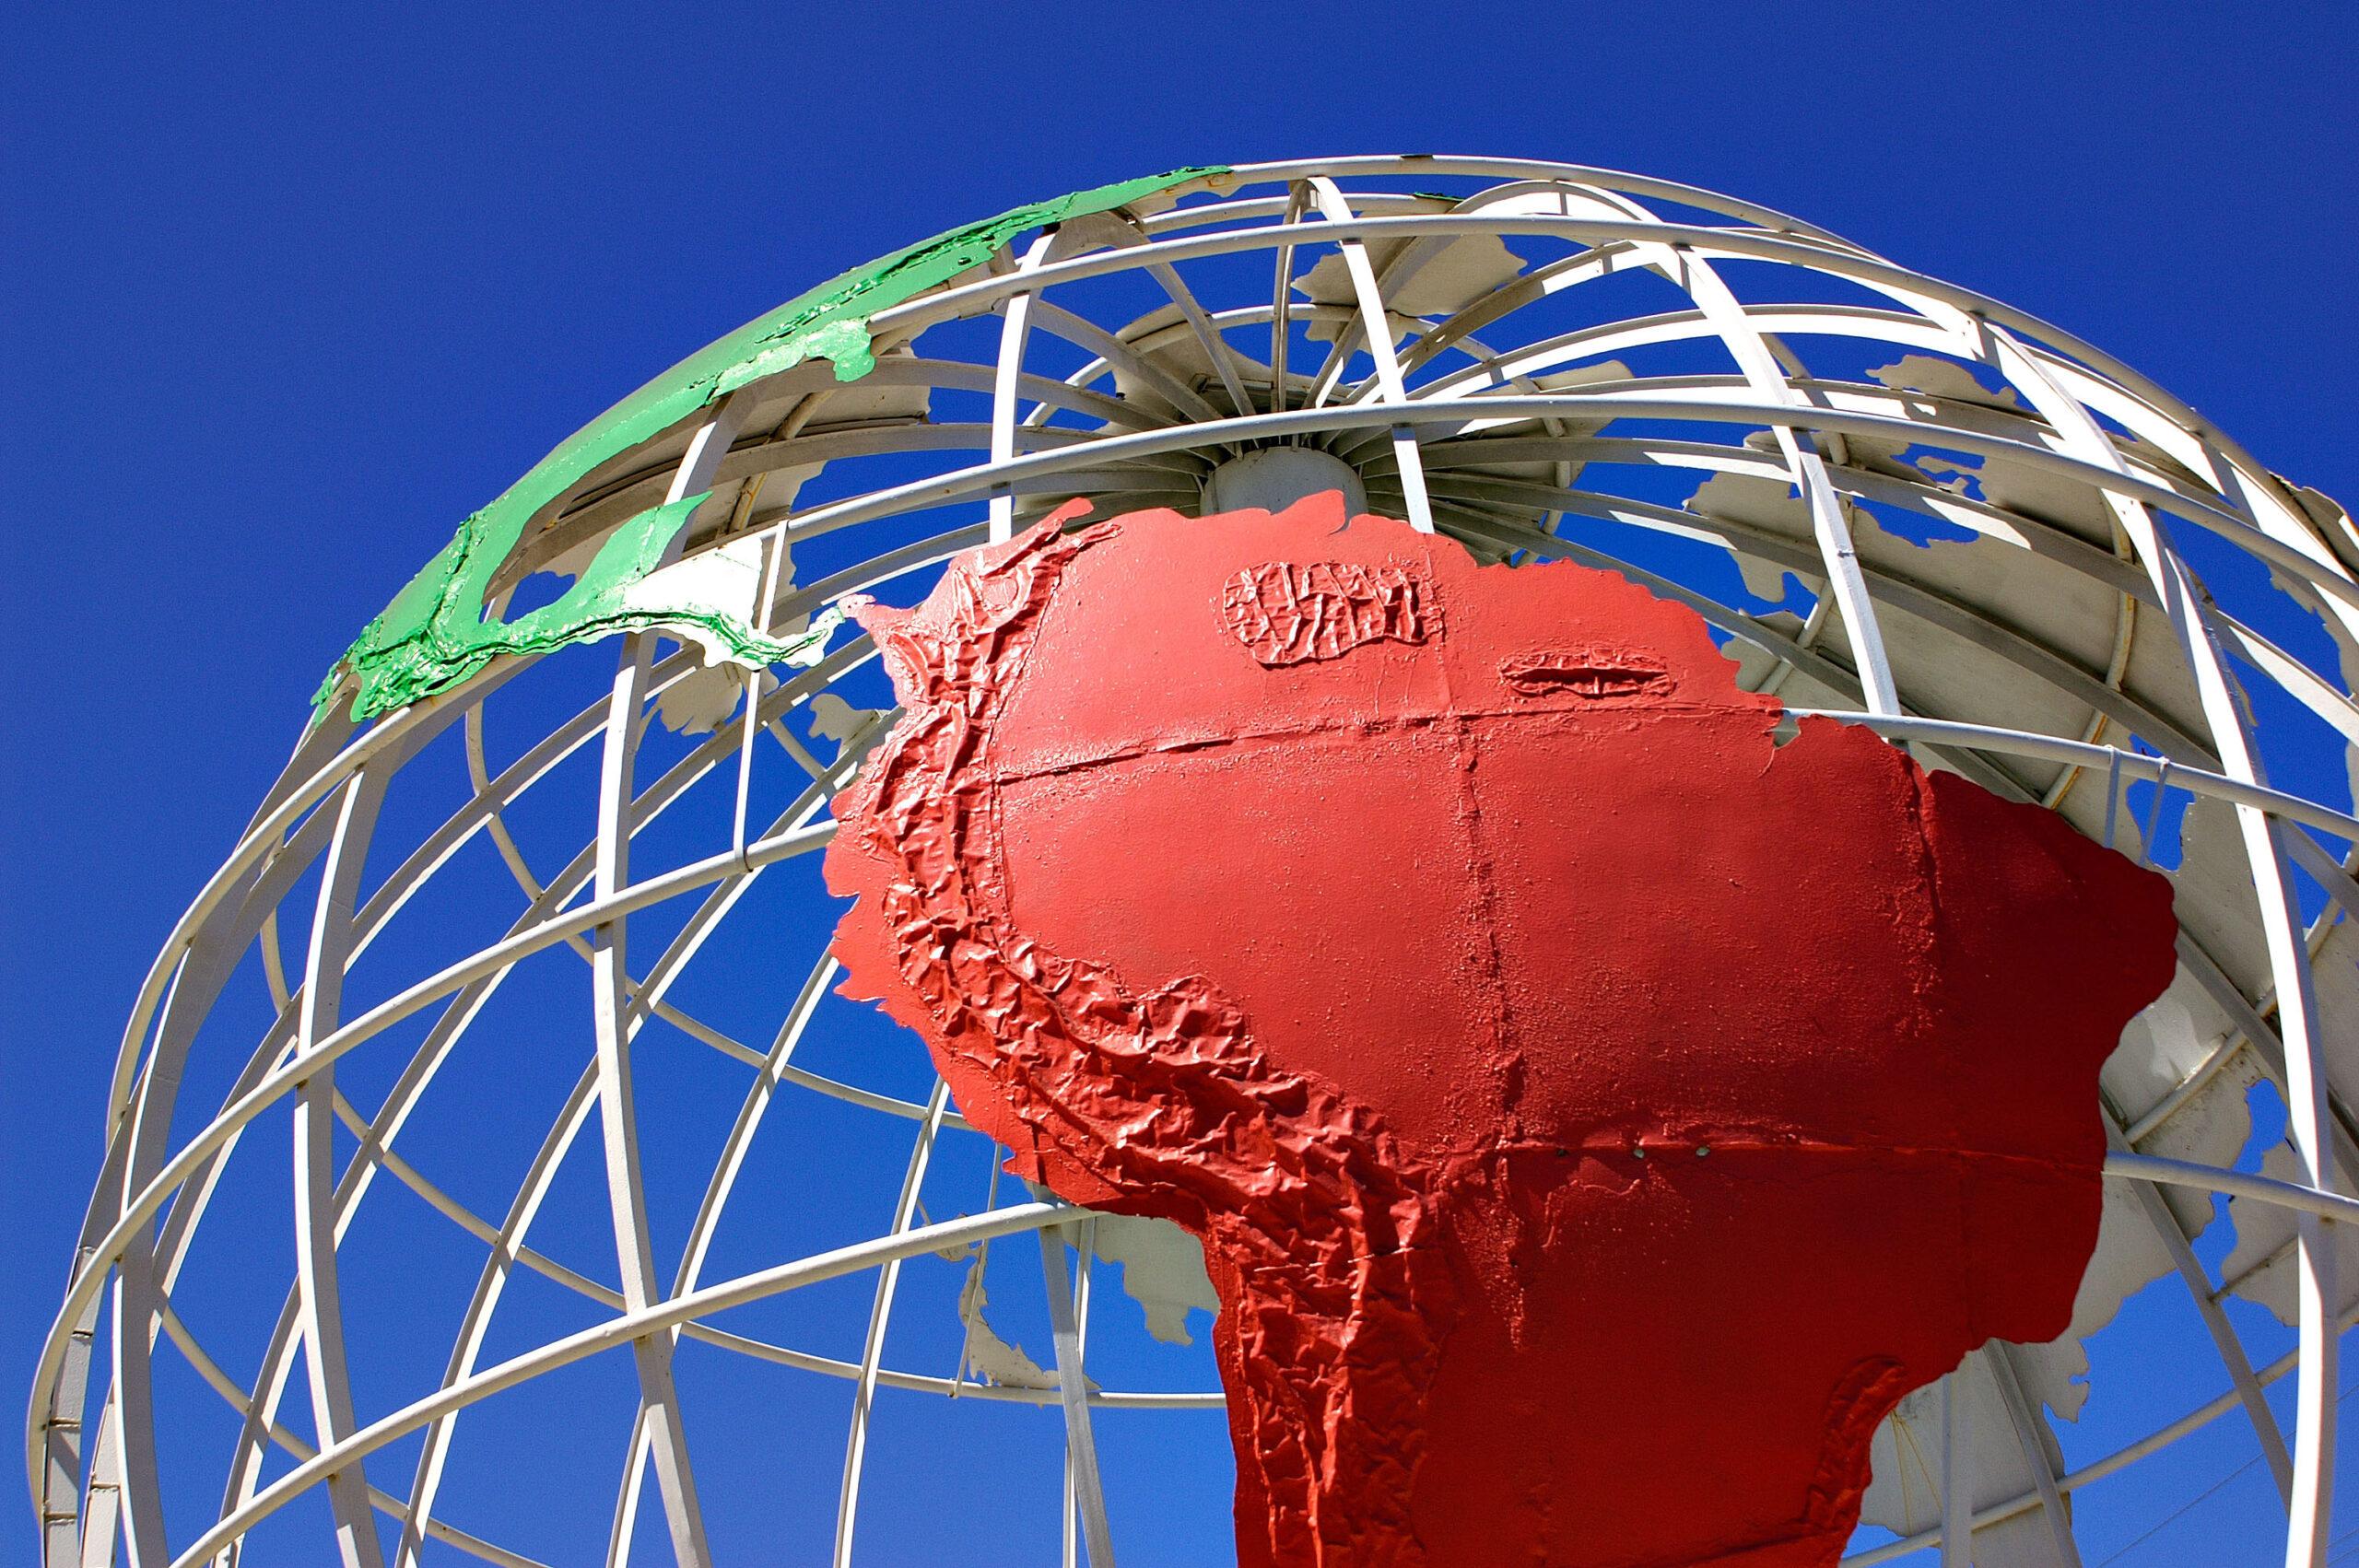 Claves de la semana económica en Latinoamérica